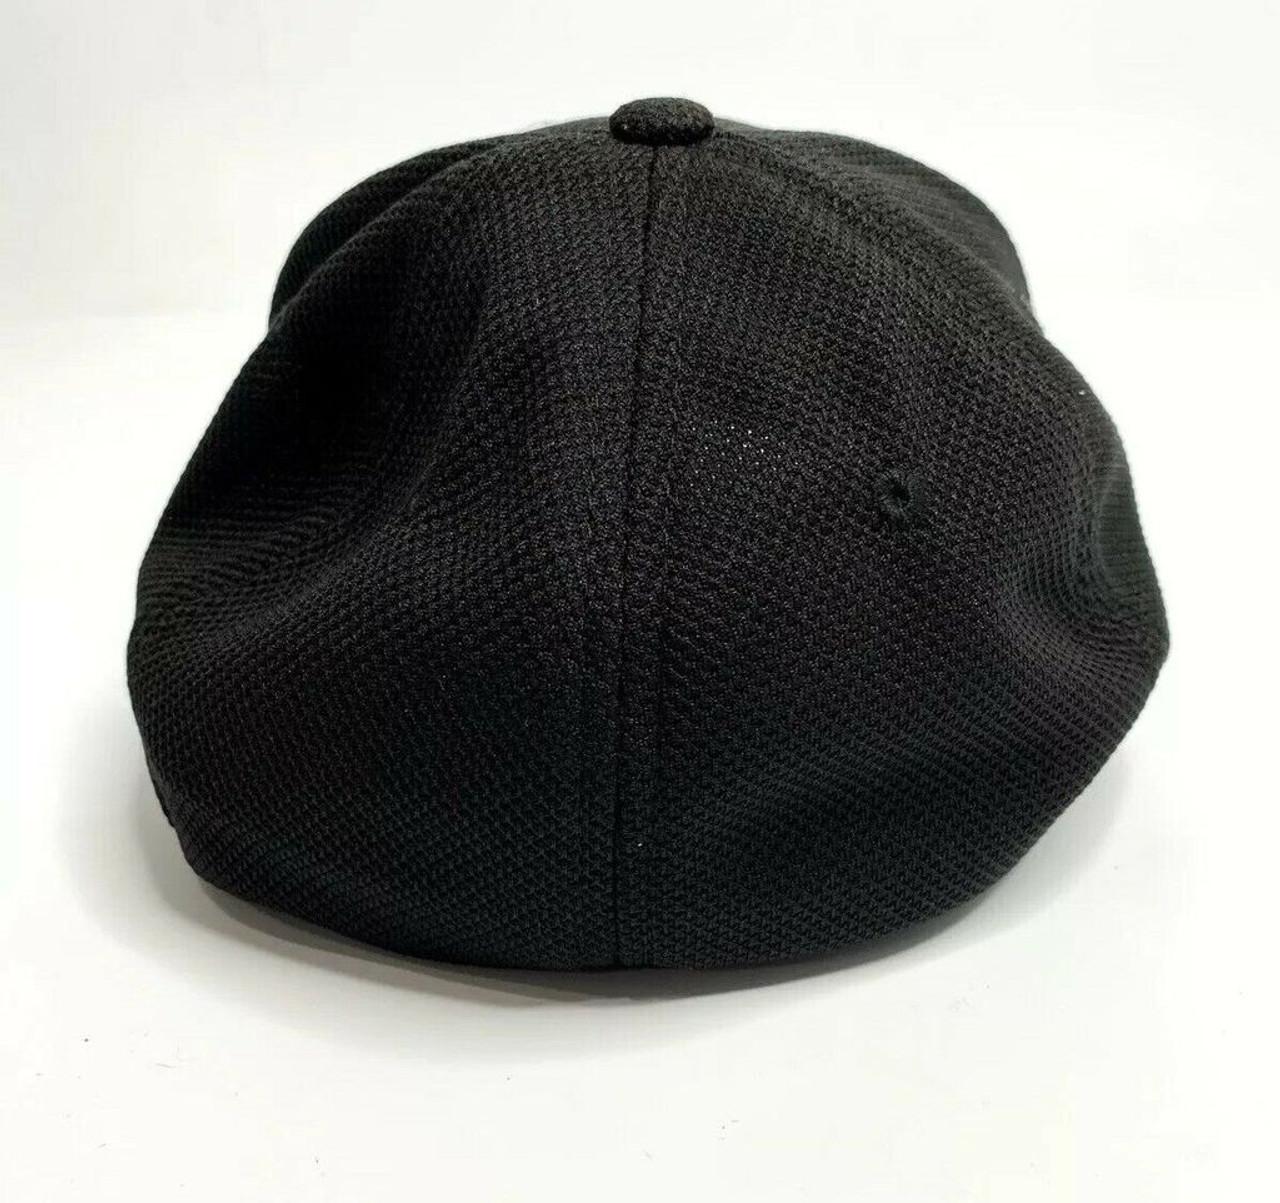 C4 Corvette Performance Flex Fit Black Hat (back)